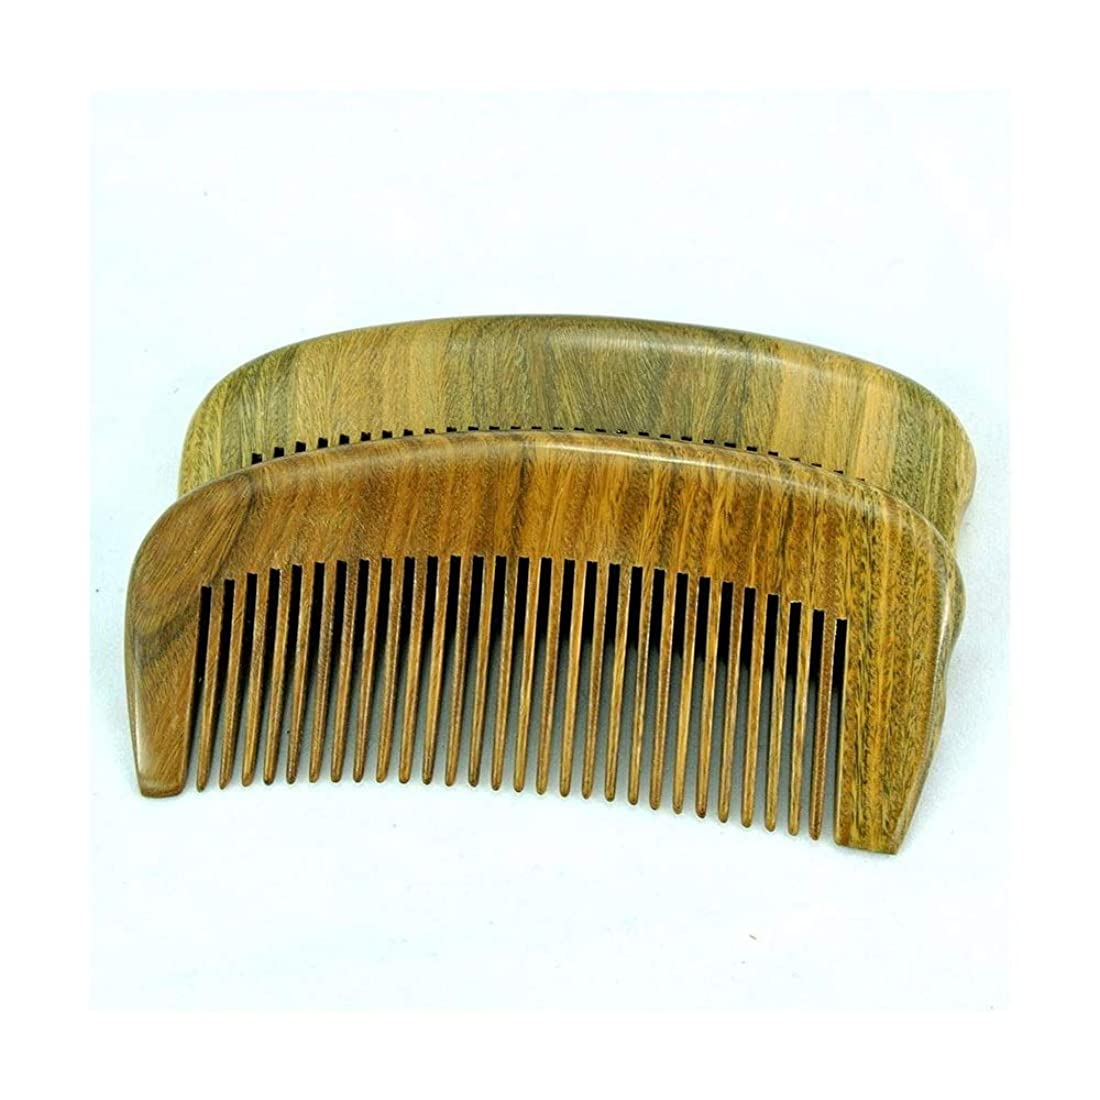 申込みパンフレット薄汚いFashianナチュラルグリーンサンダルウッド手作りの木製くしポータブルヘアブラシ ヘアケア